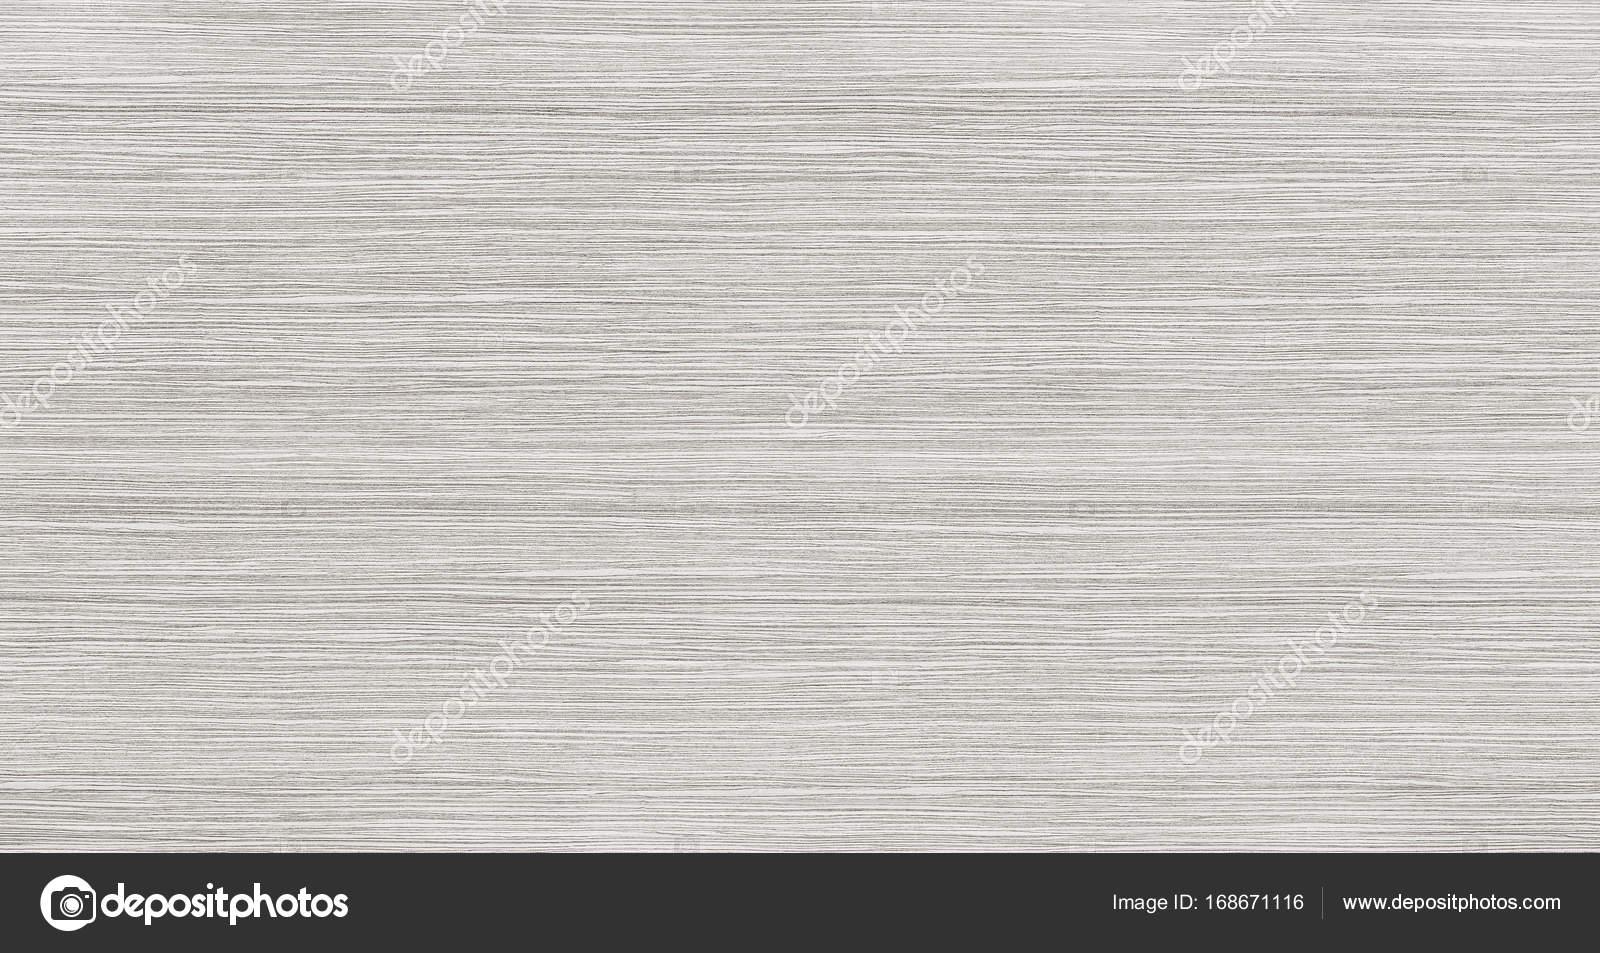 Legno Bianco Texture : Il legno bianco texture pavimento in laminato foto immagine